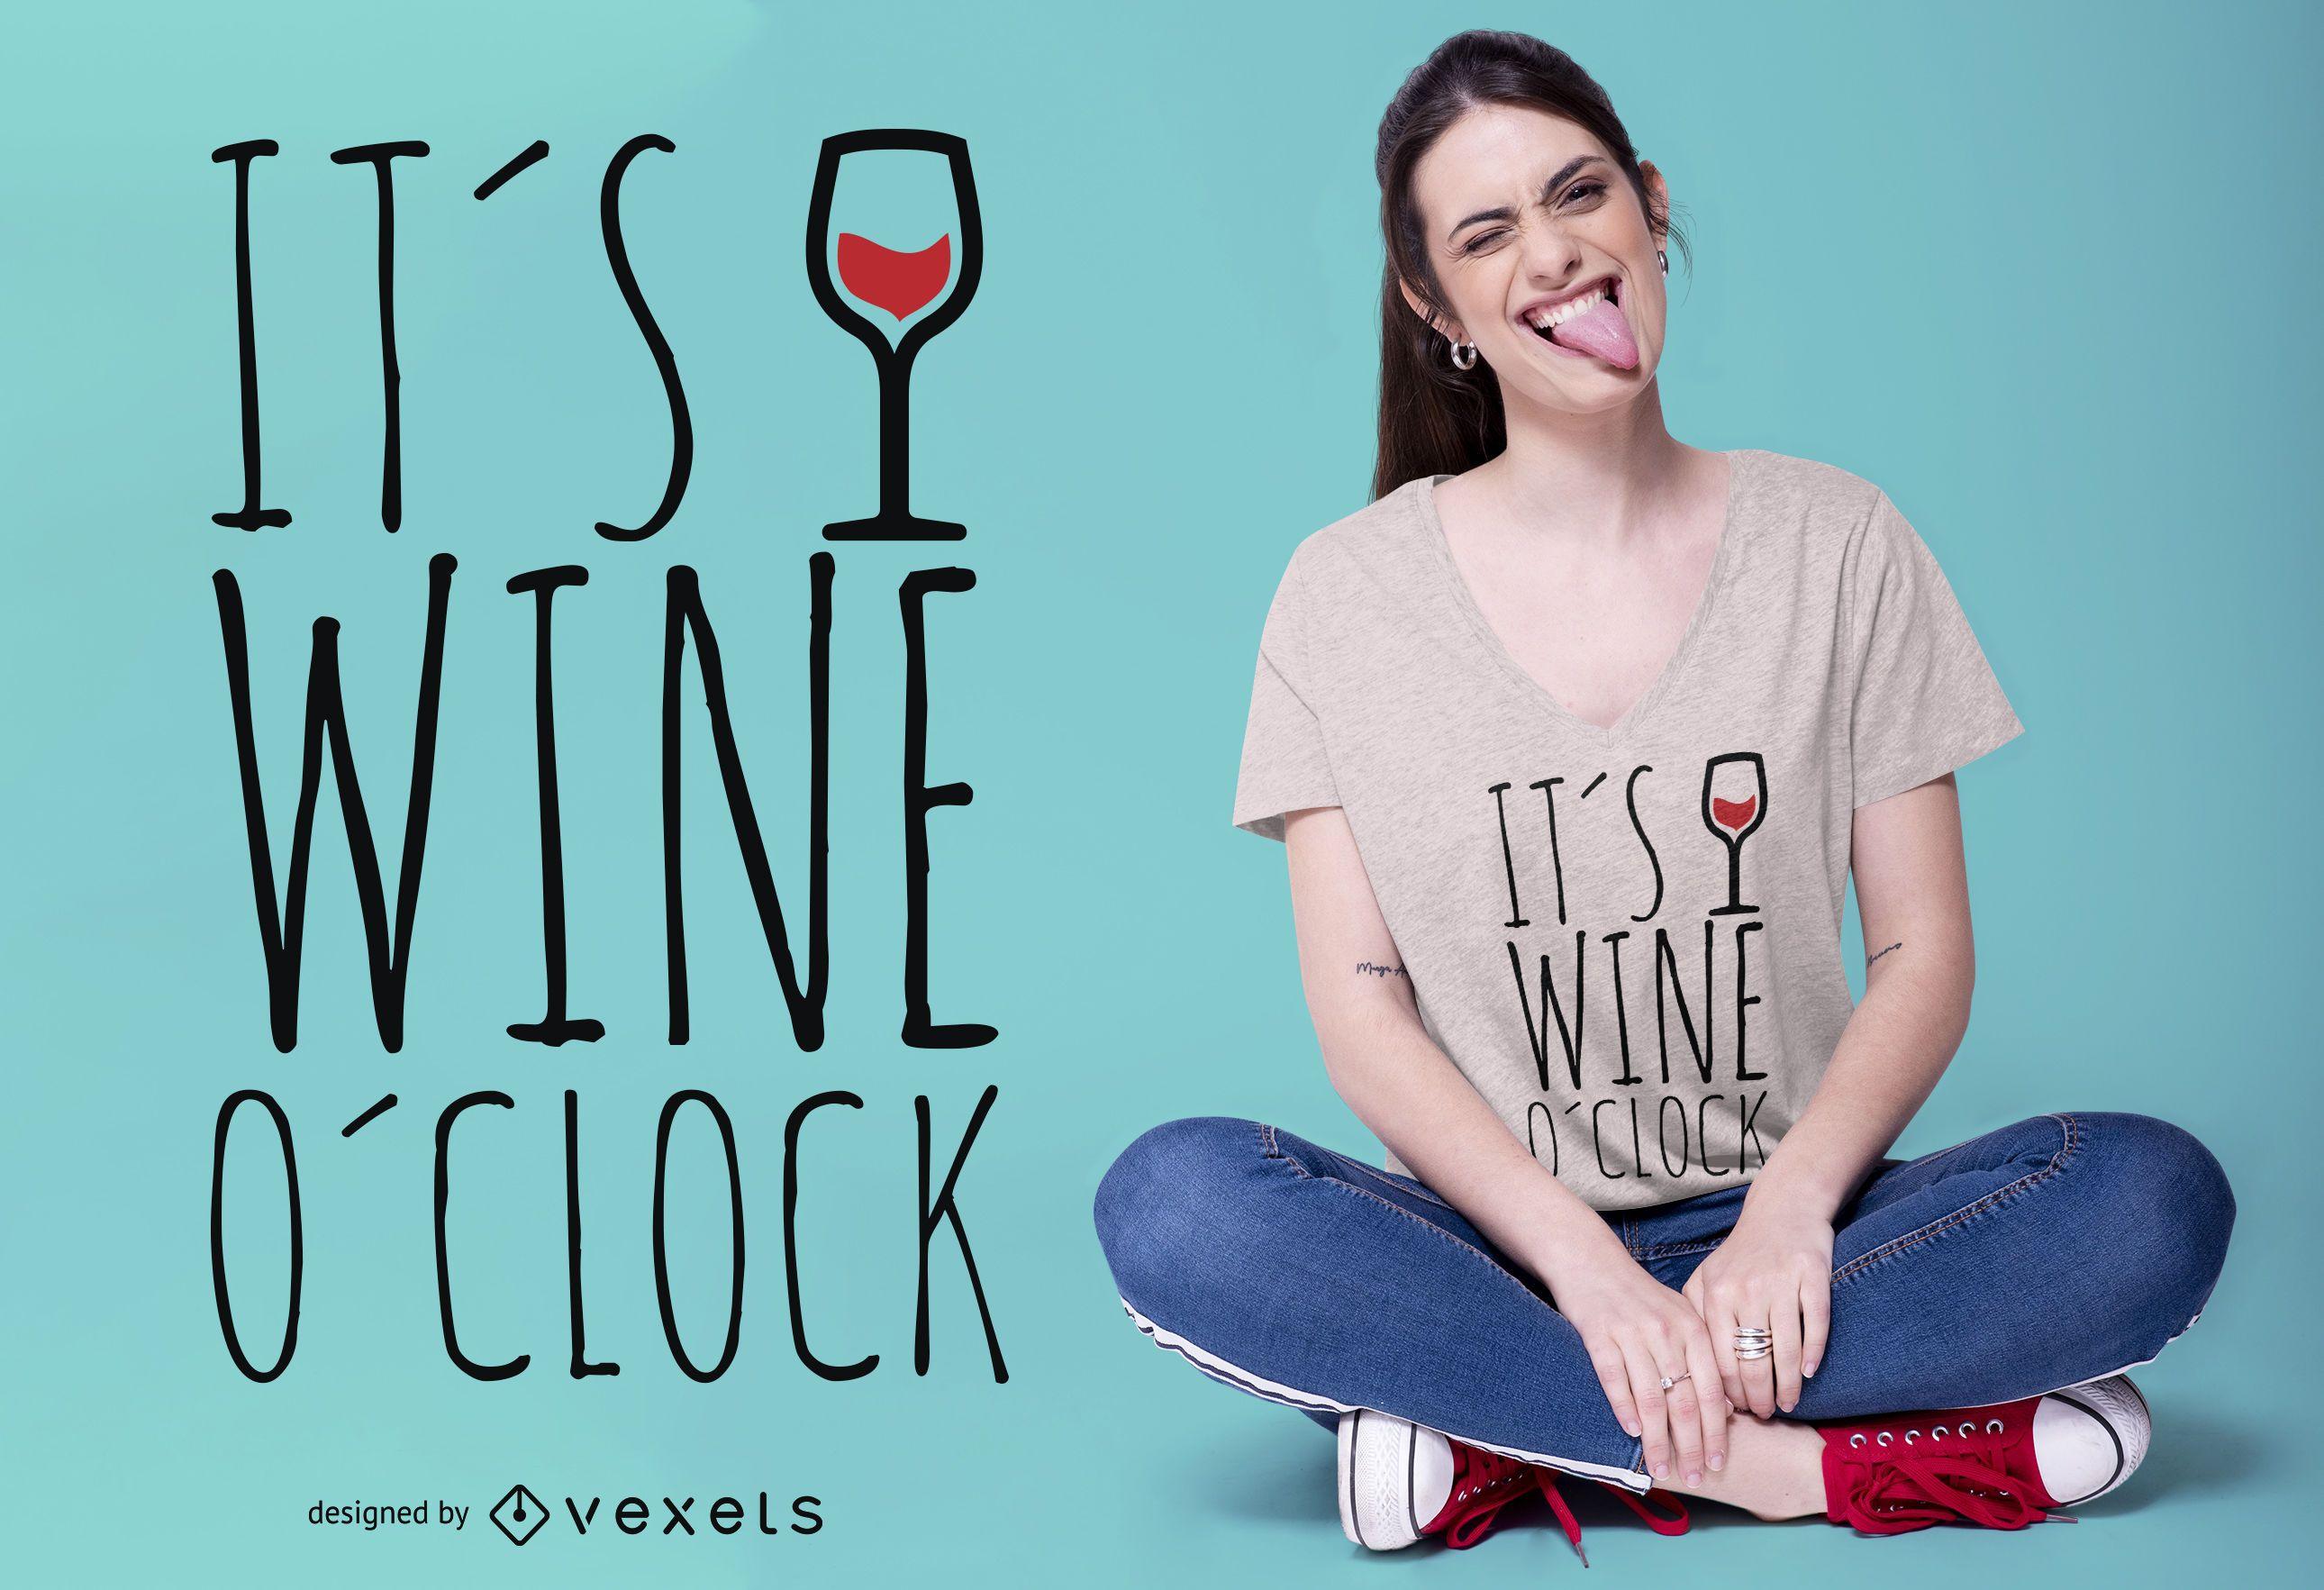 Wine o'clock t-shirt design